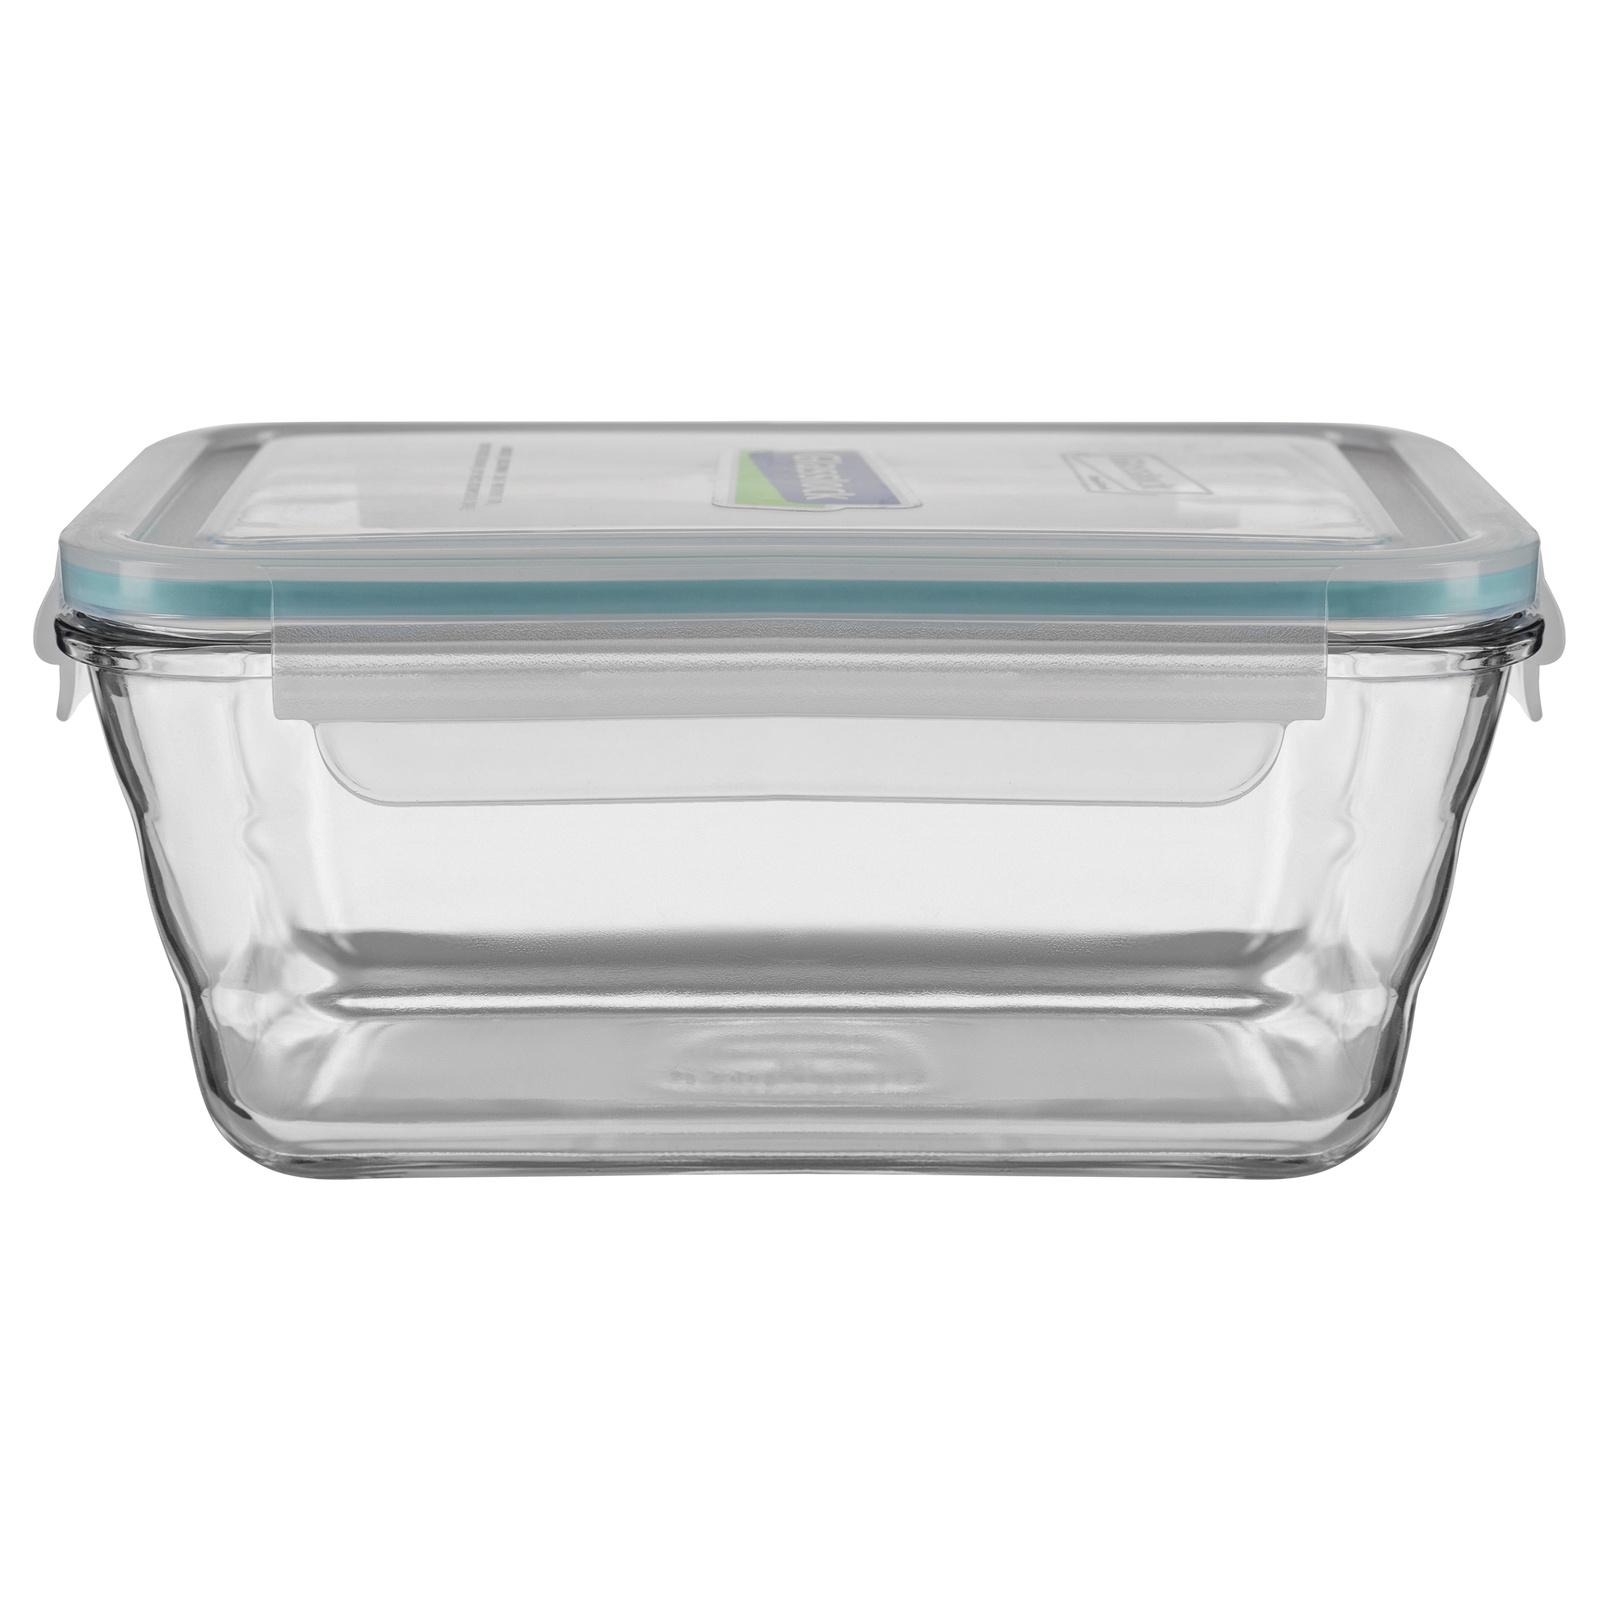 Контейнер пищевой Glasslock OCRT-090, прозрачный контейнер прямоугольный 1 73 л glasslock ocrt 173a